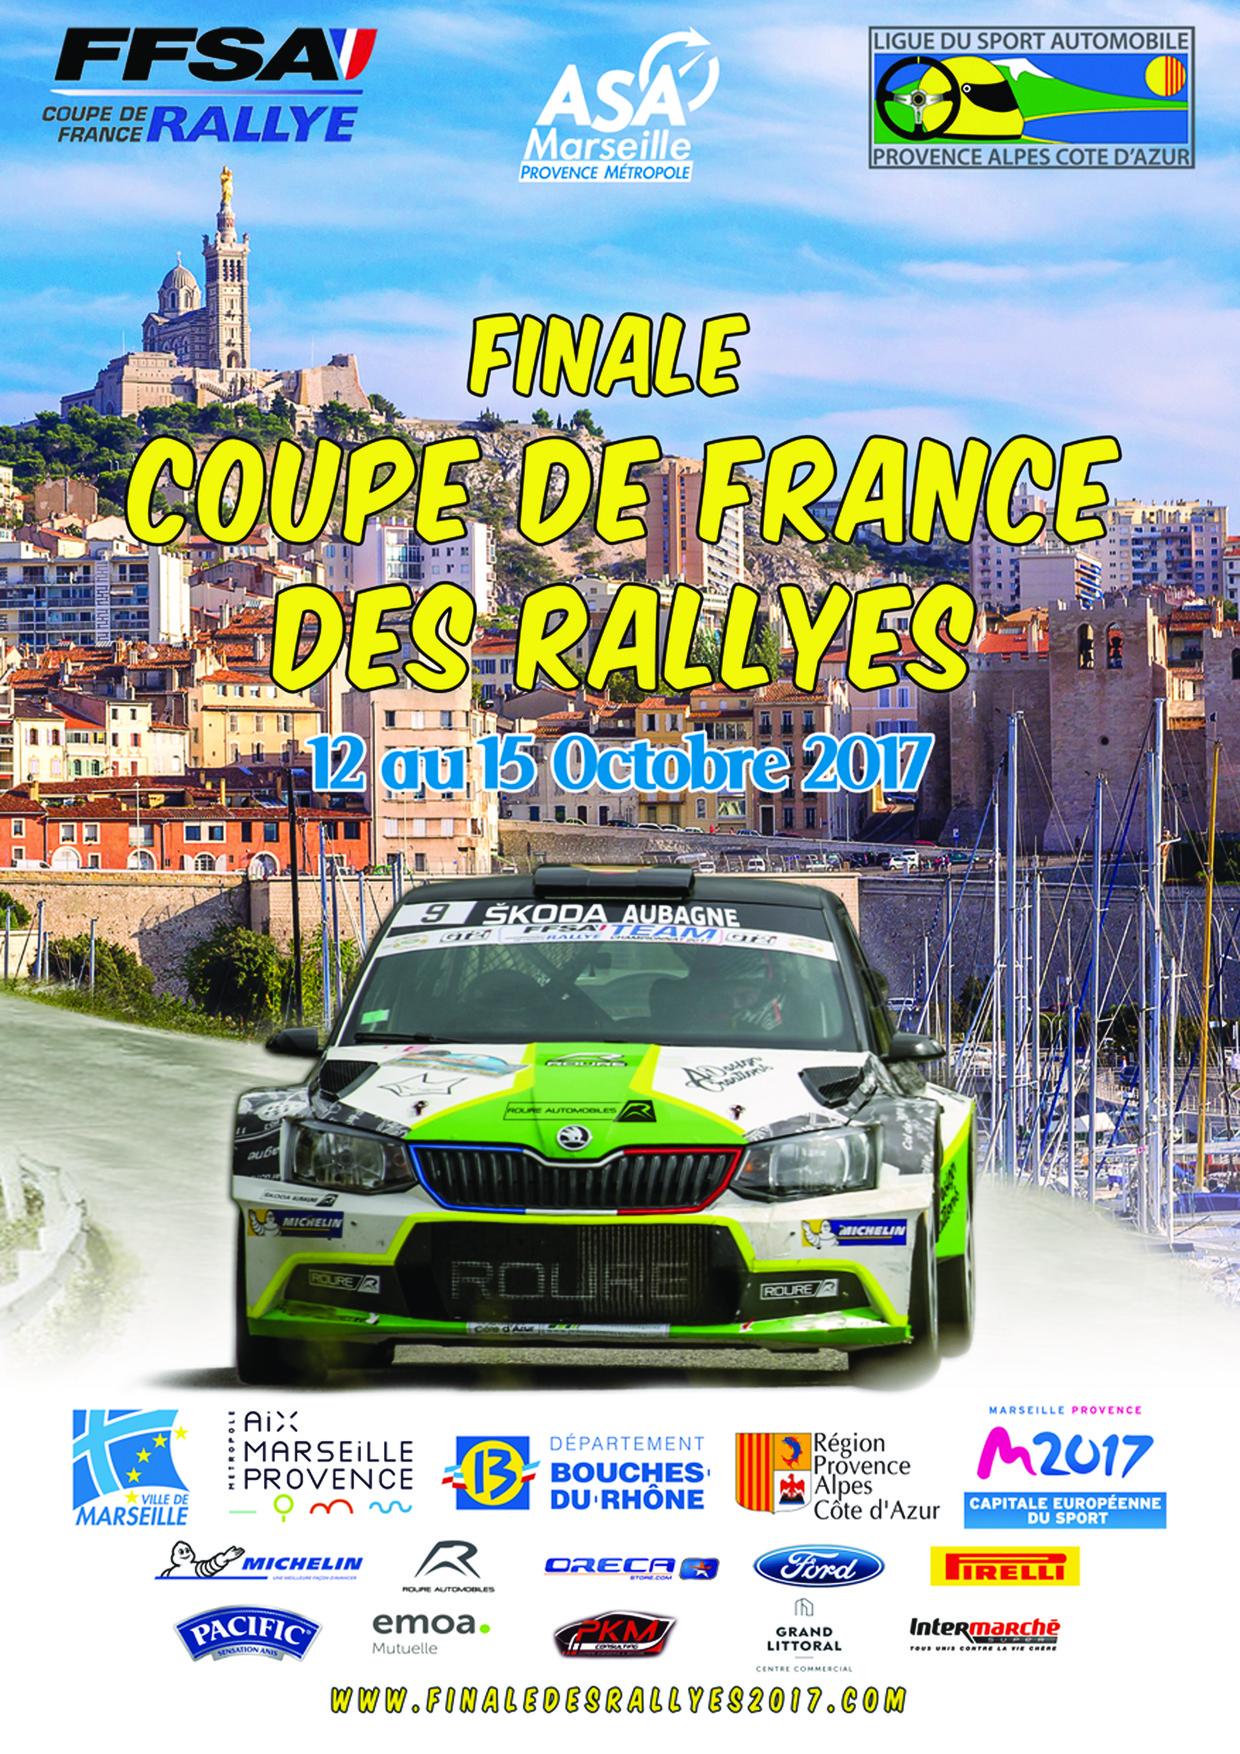 Calendrier Championnat De France Des Rallyes 2021 Finale Coupe de France des Rallyes 2021 (36) | RALLYEGO.com